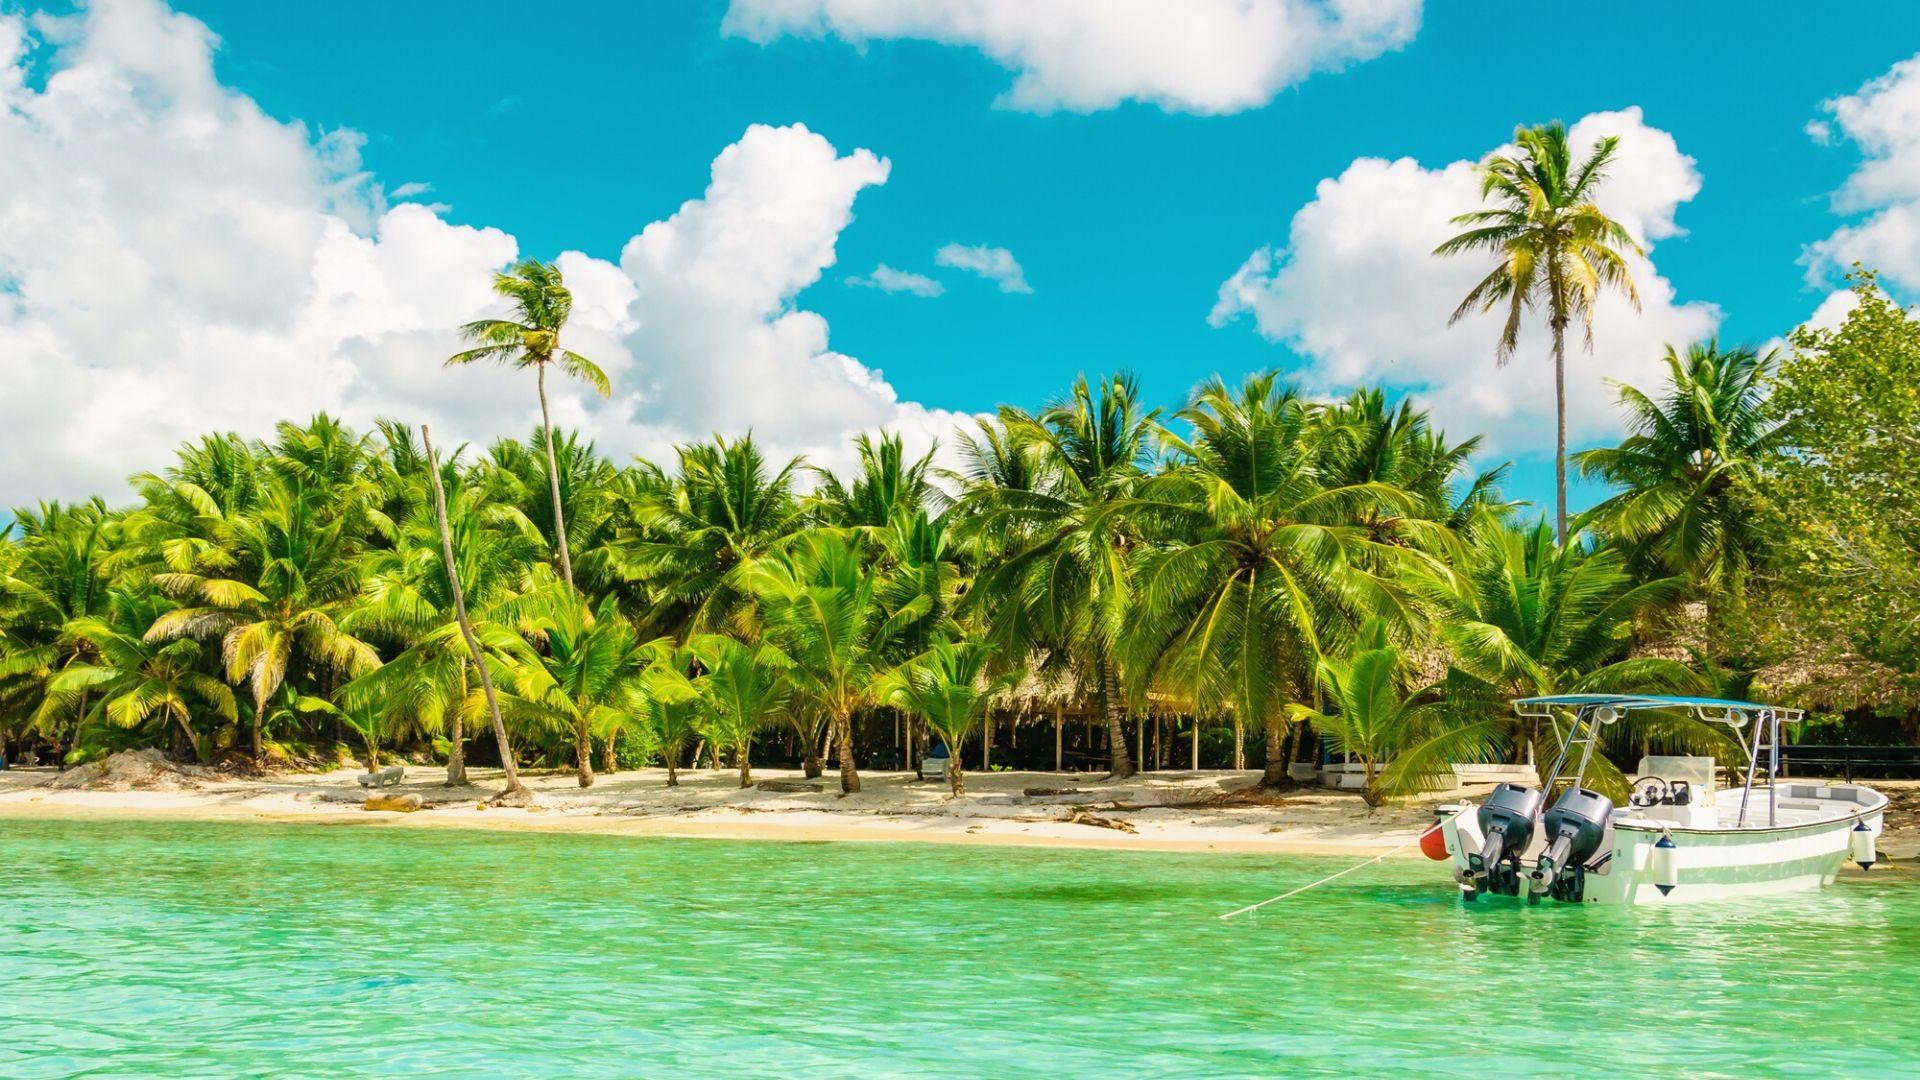 Kelionėje į Dominikos Respubliką plaukiokite valtimi skaidriame vandenyne